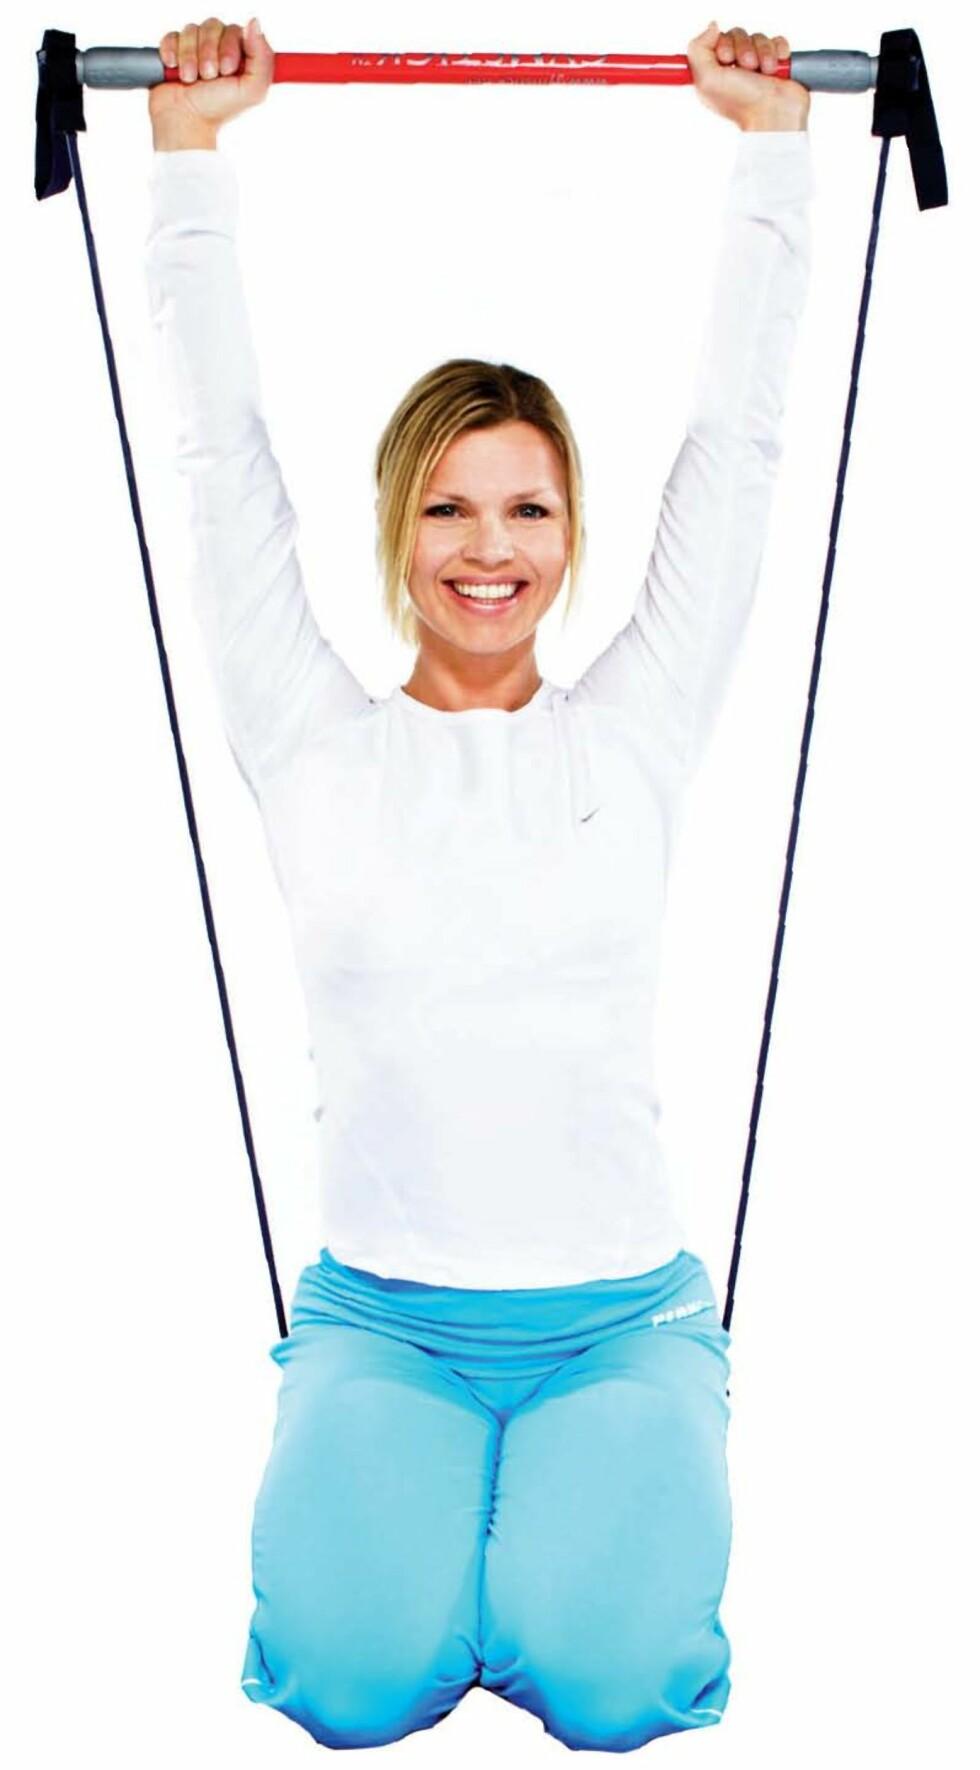 Gymstick kan brukes hjemme og på senter. Foto: Steinar Torvbråten